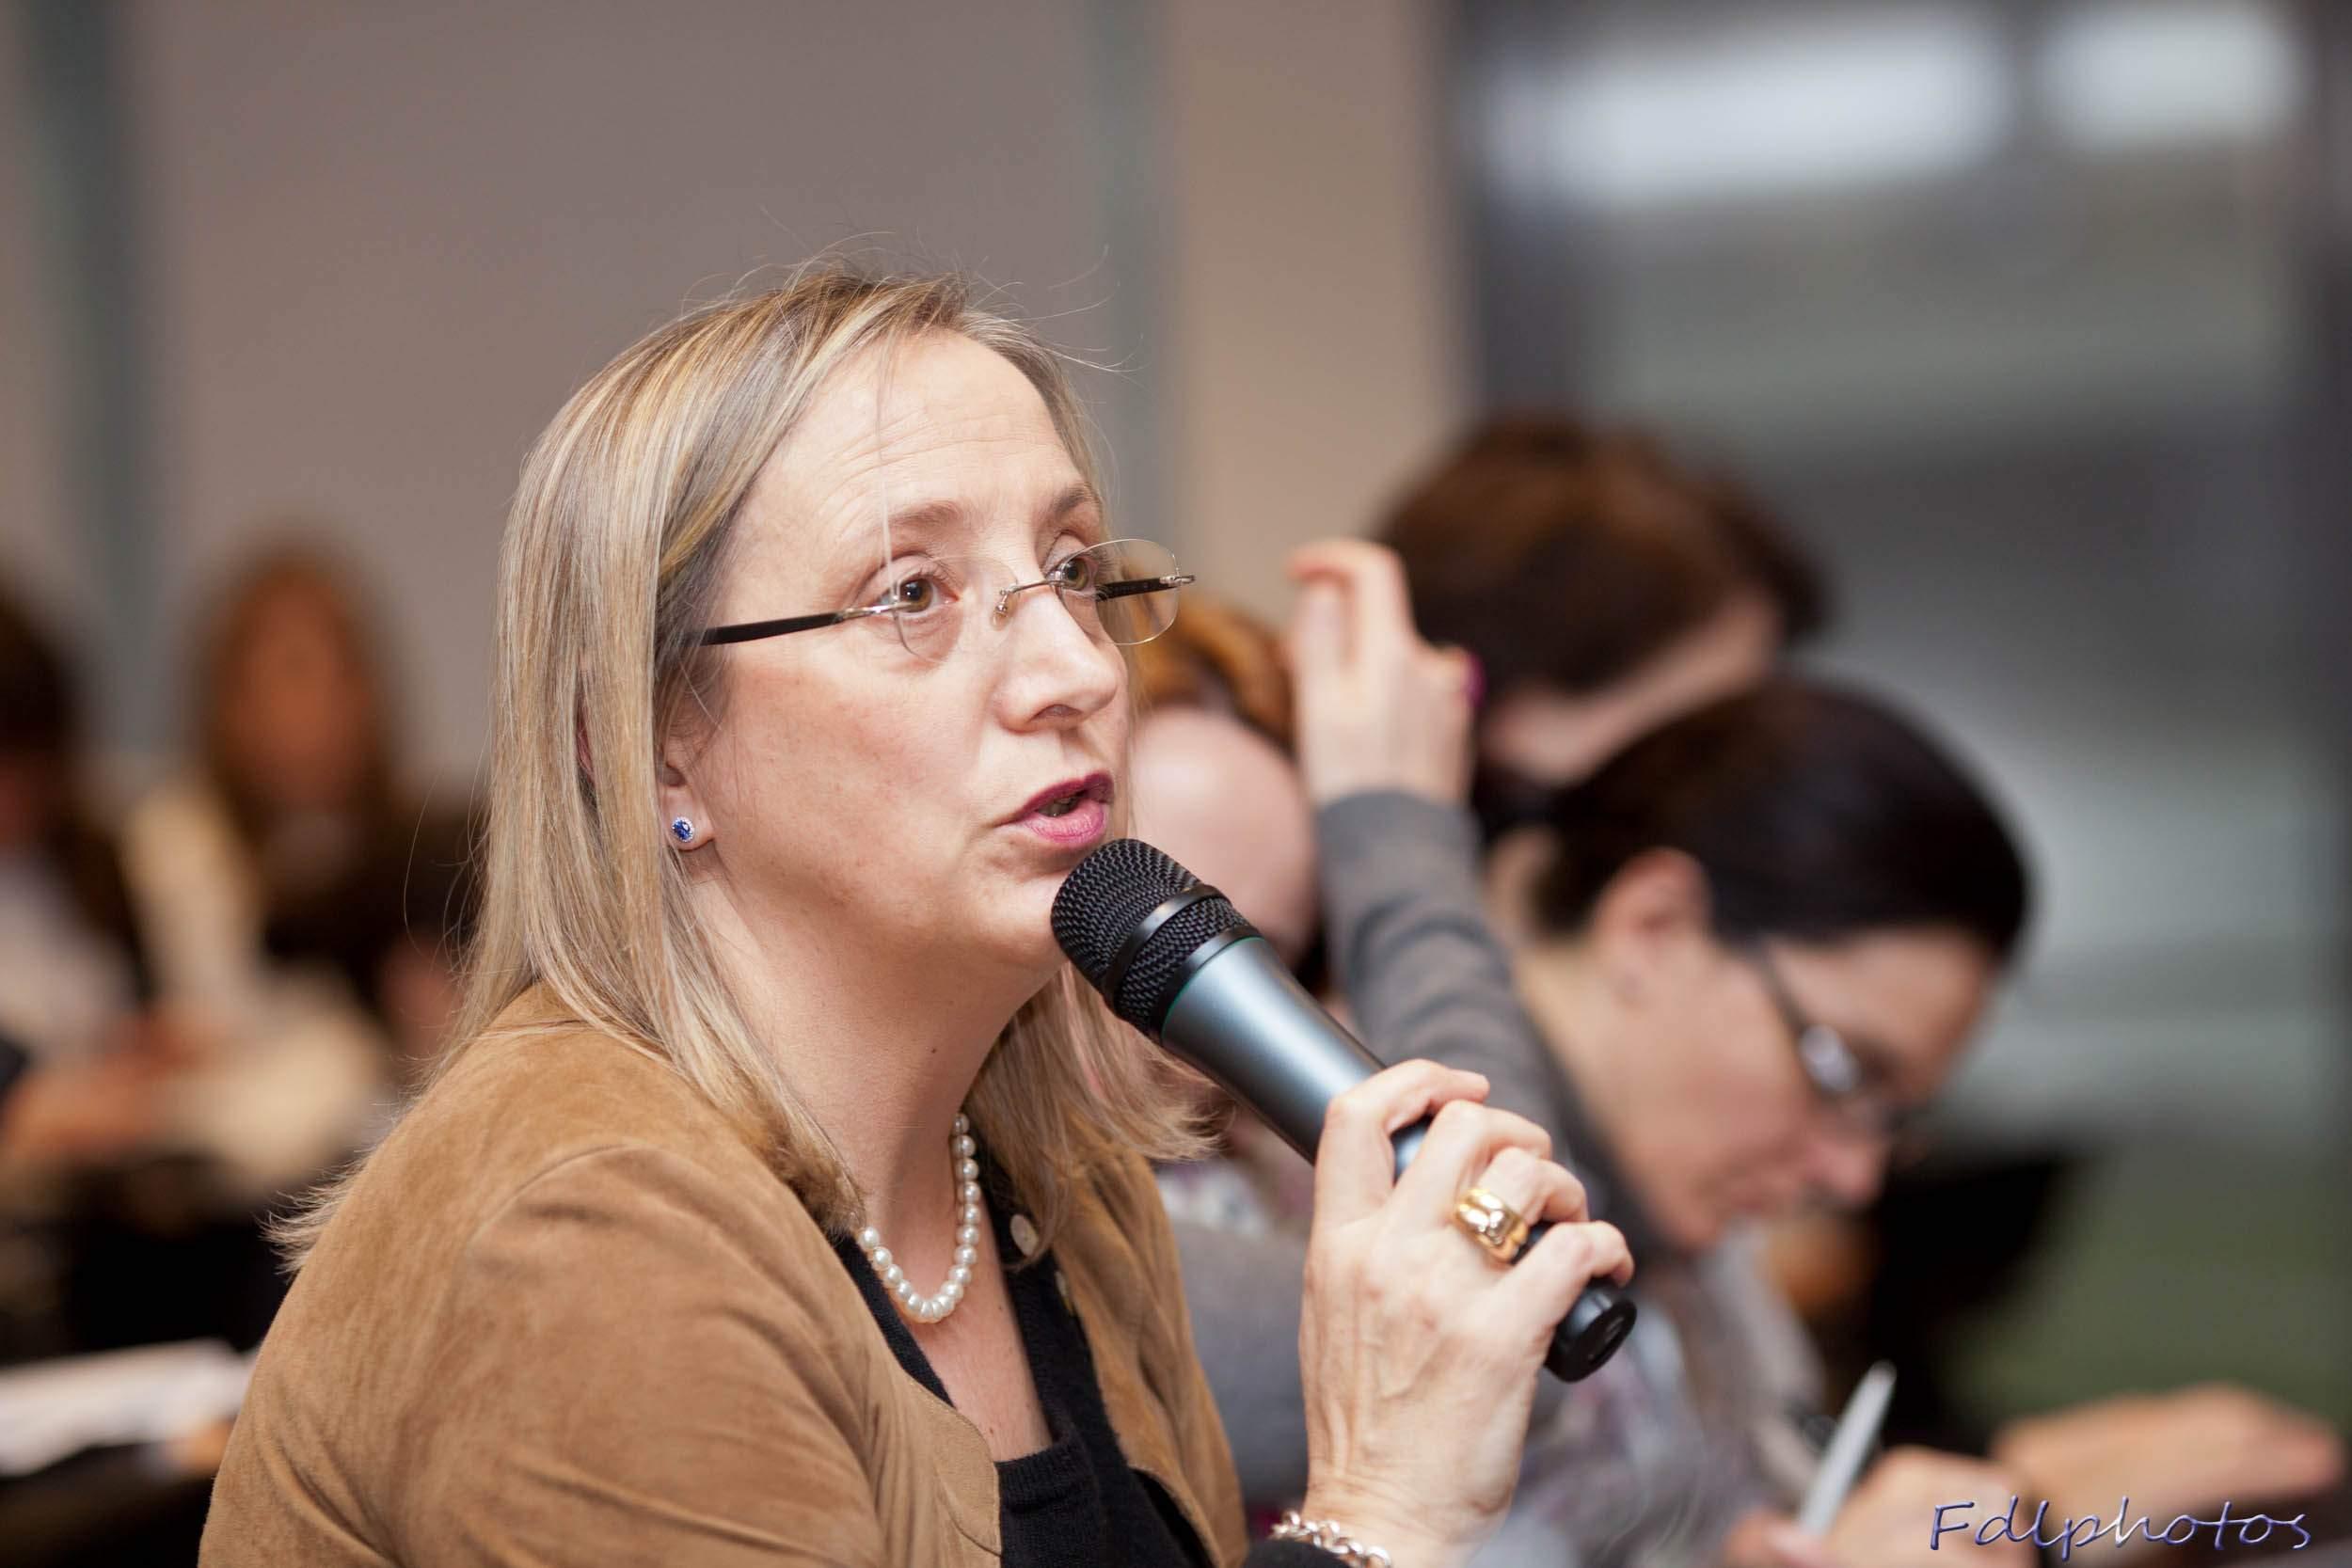 Brigitte Dumont (Orange), Directrice Adjointe des Ressources Humaines pour le Groupe Orange